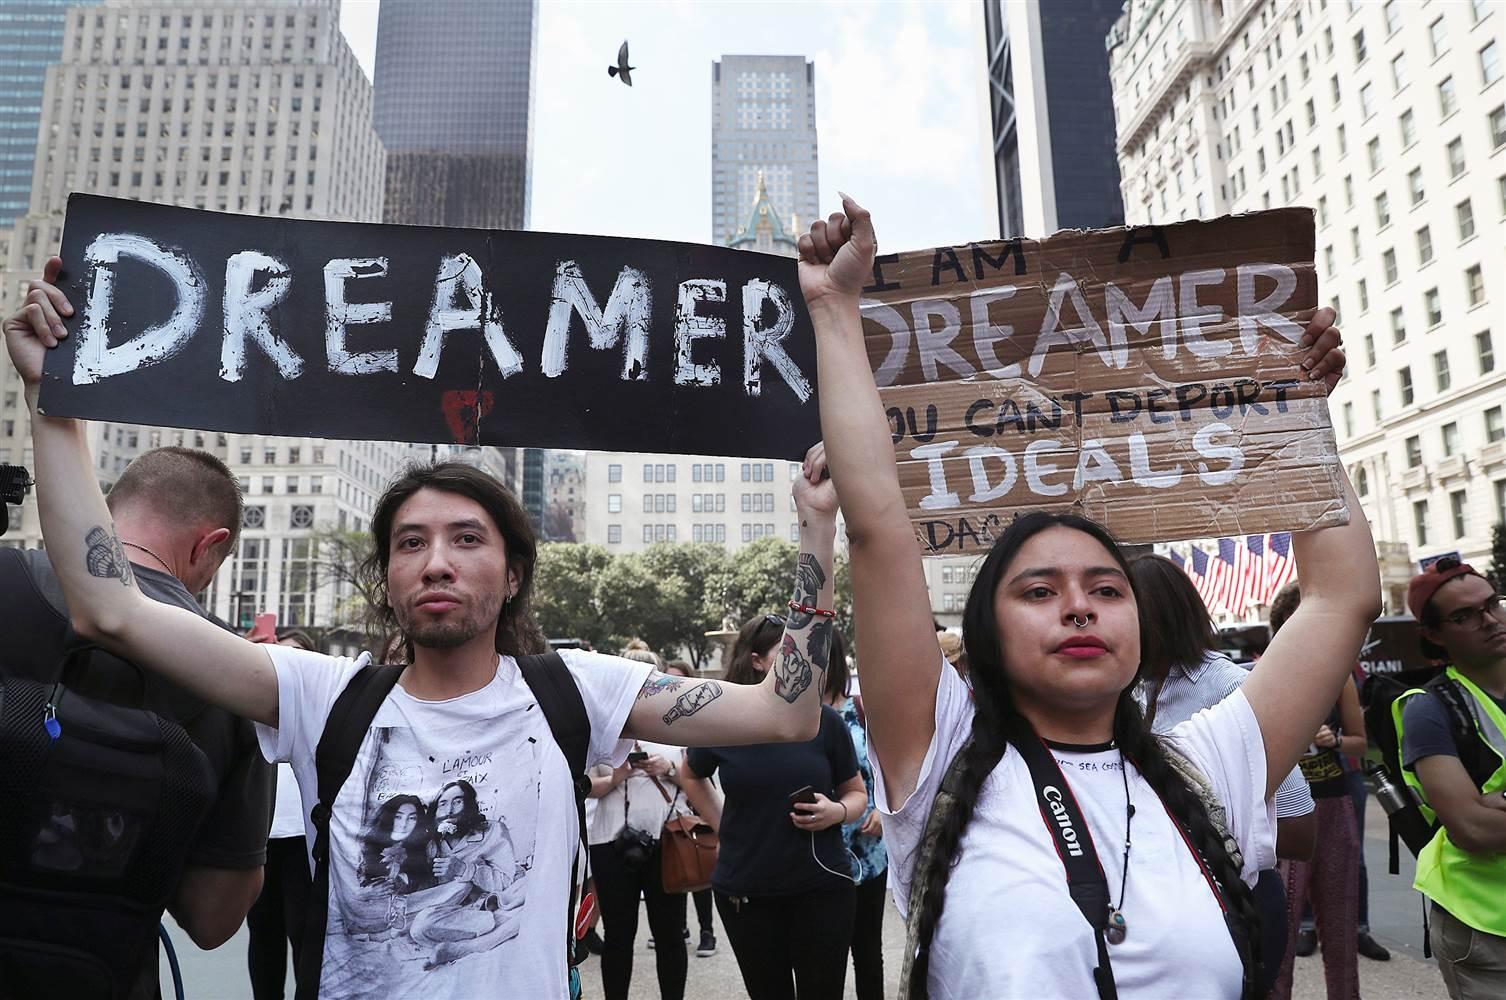 Los soñadores se manifiestan en favor de DACA. Tras la eliminación del programa, se reorganizan para continuar su lucha. Foto: Tomada de internet.